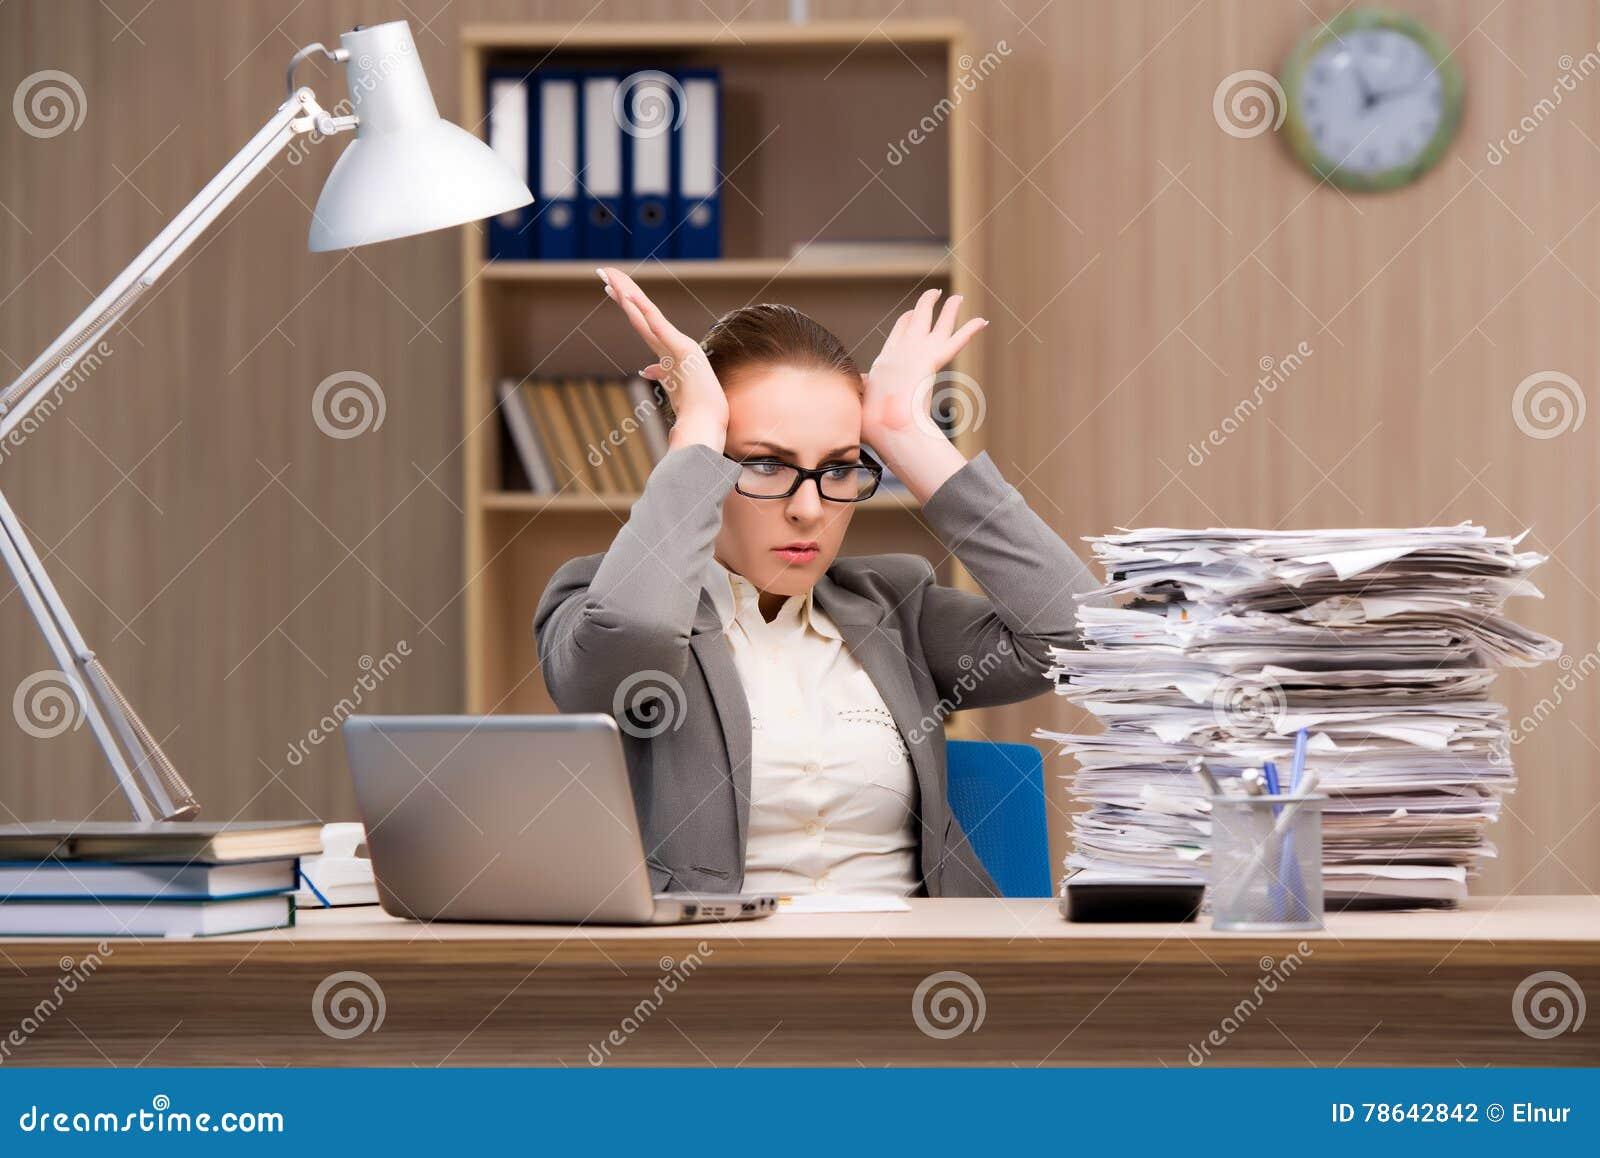 Коммерсантка под стрессом от слишком много работы в офисе